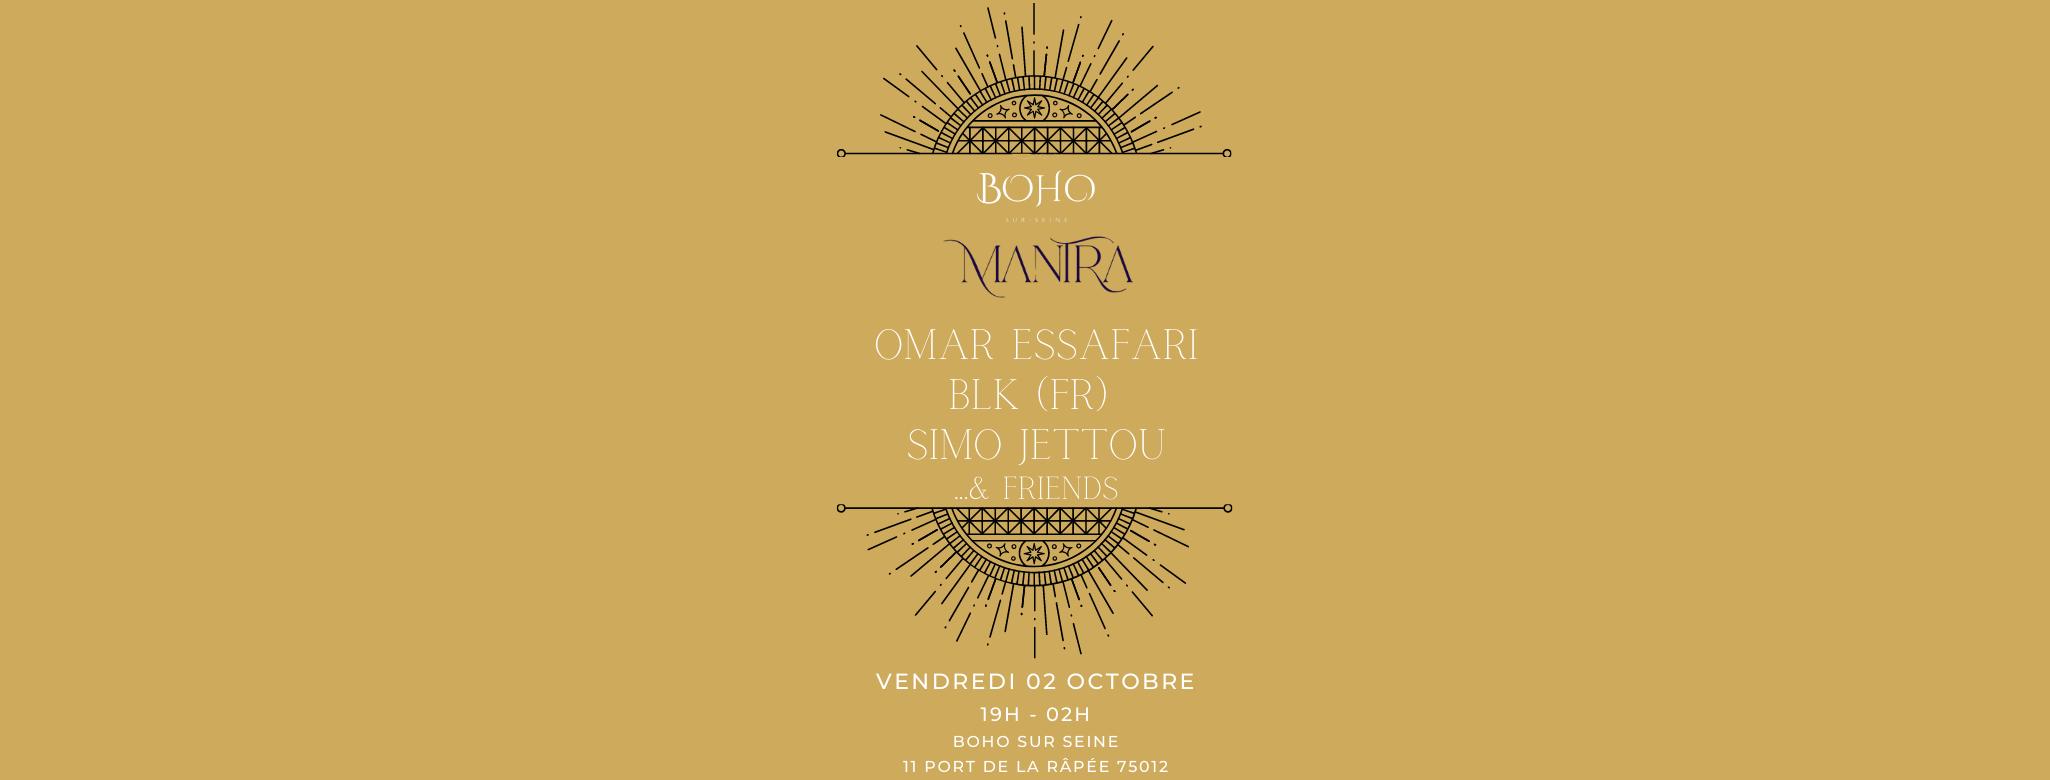 MANTRA #12 : Omar Essafari, BLK (FR), Simo Jettou & Friends...